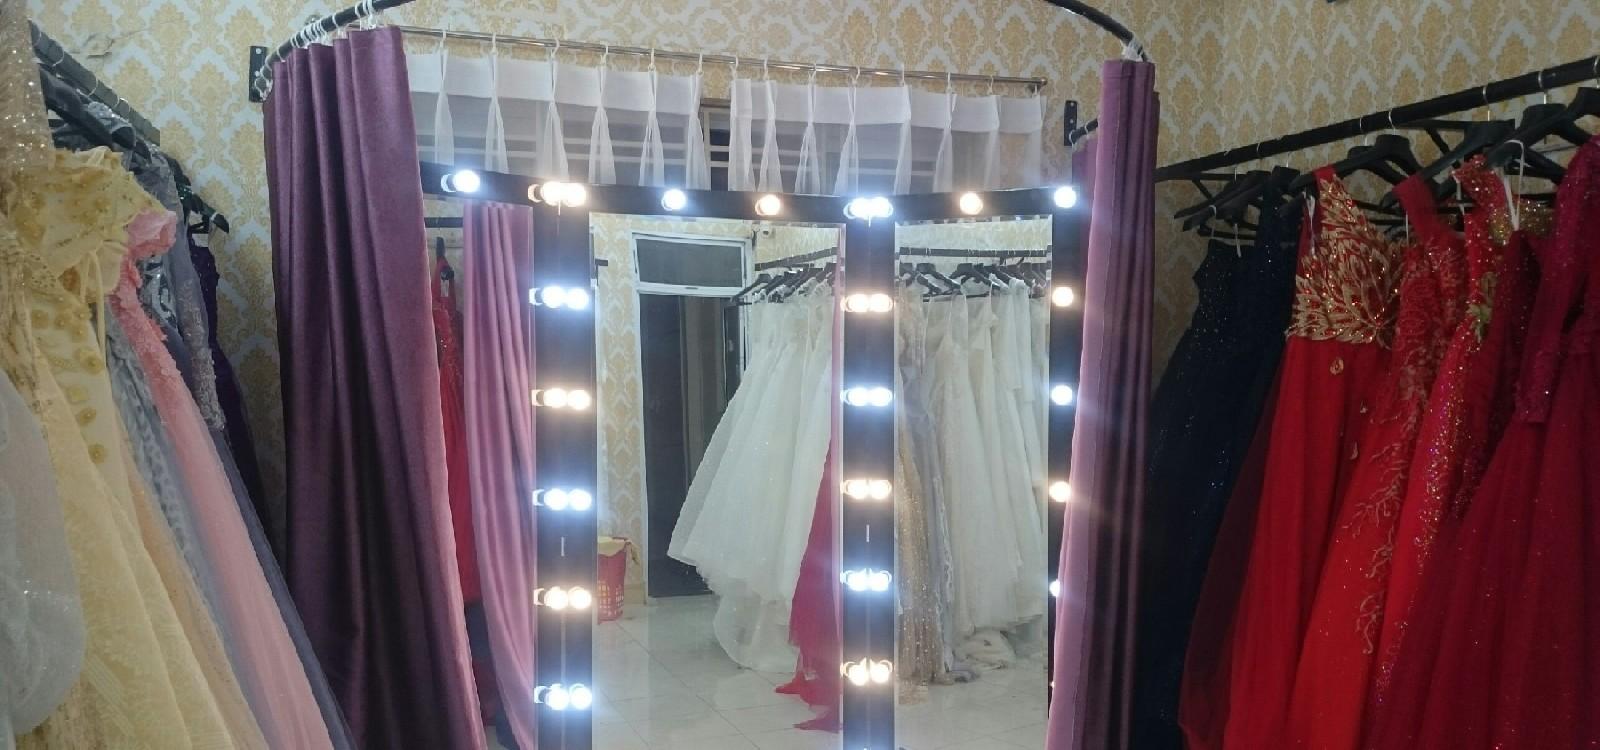 hình ảnh Thi công nội thất shop áo cưới 60 Trần Minh Thảo